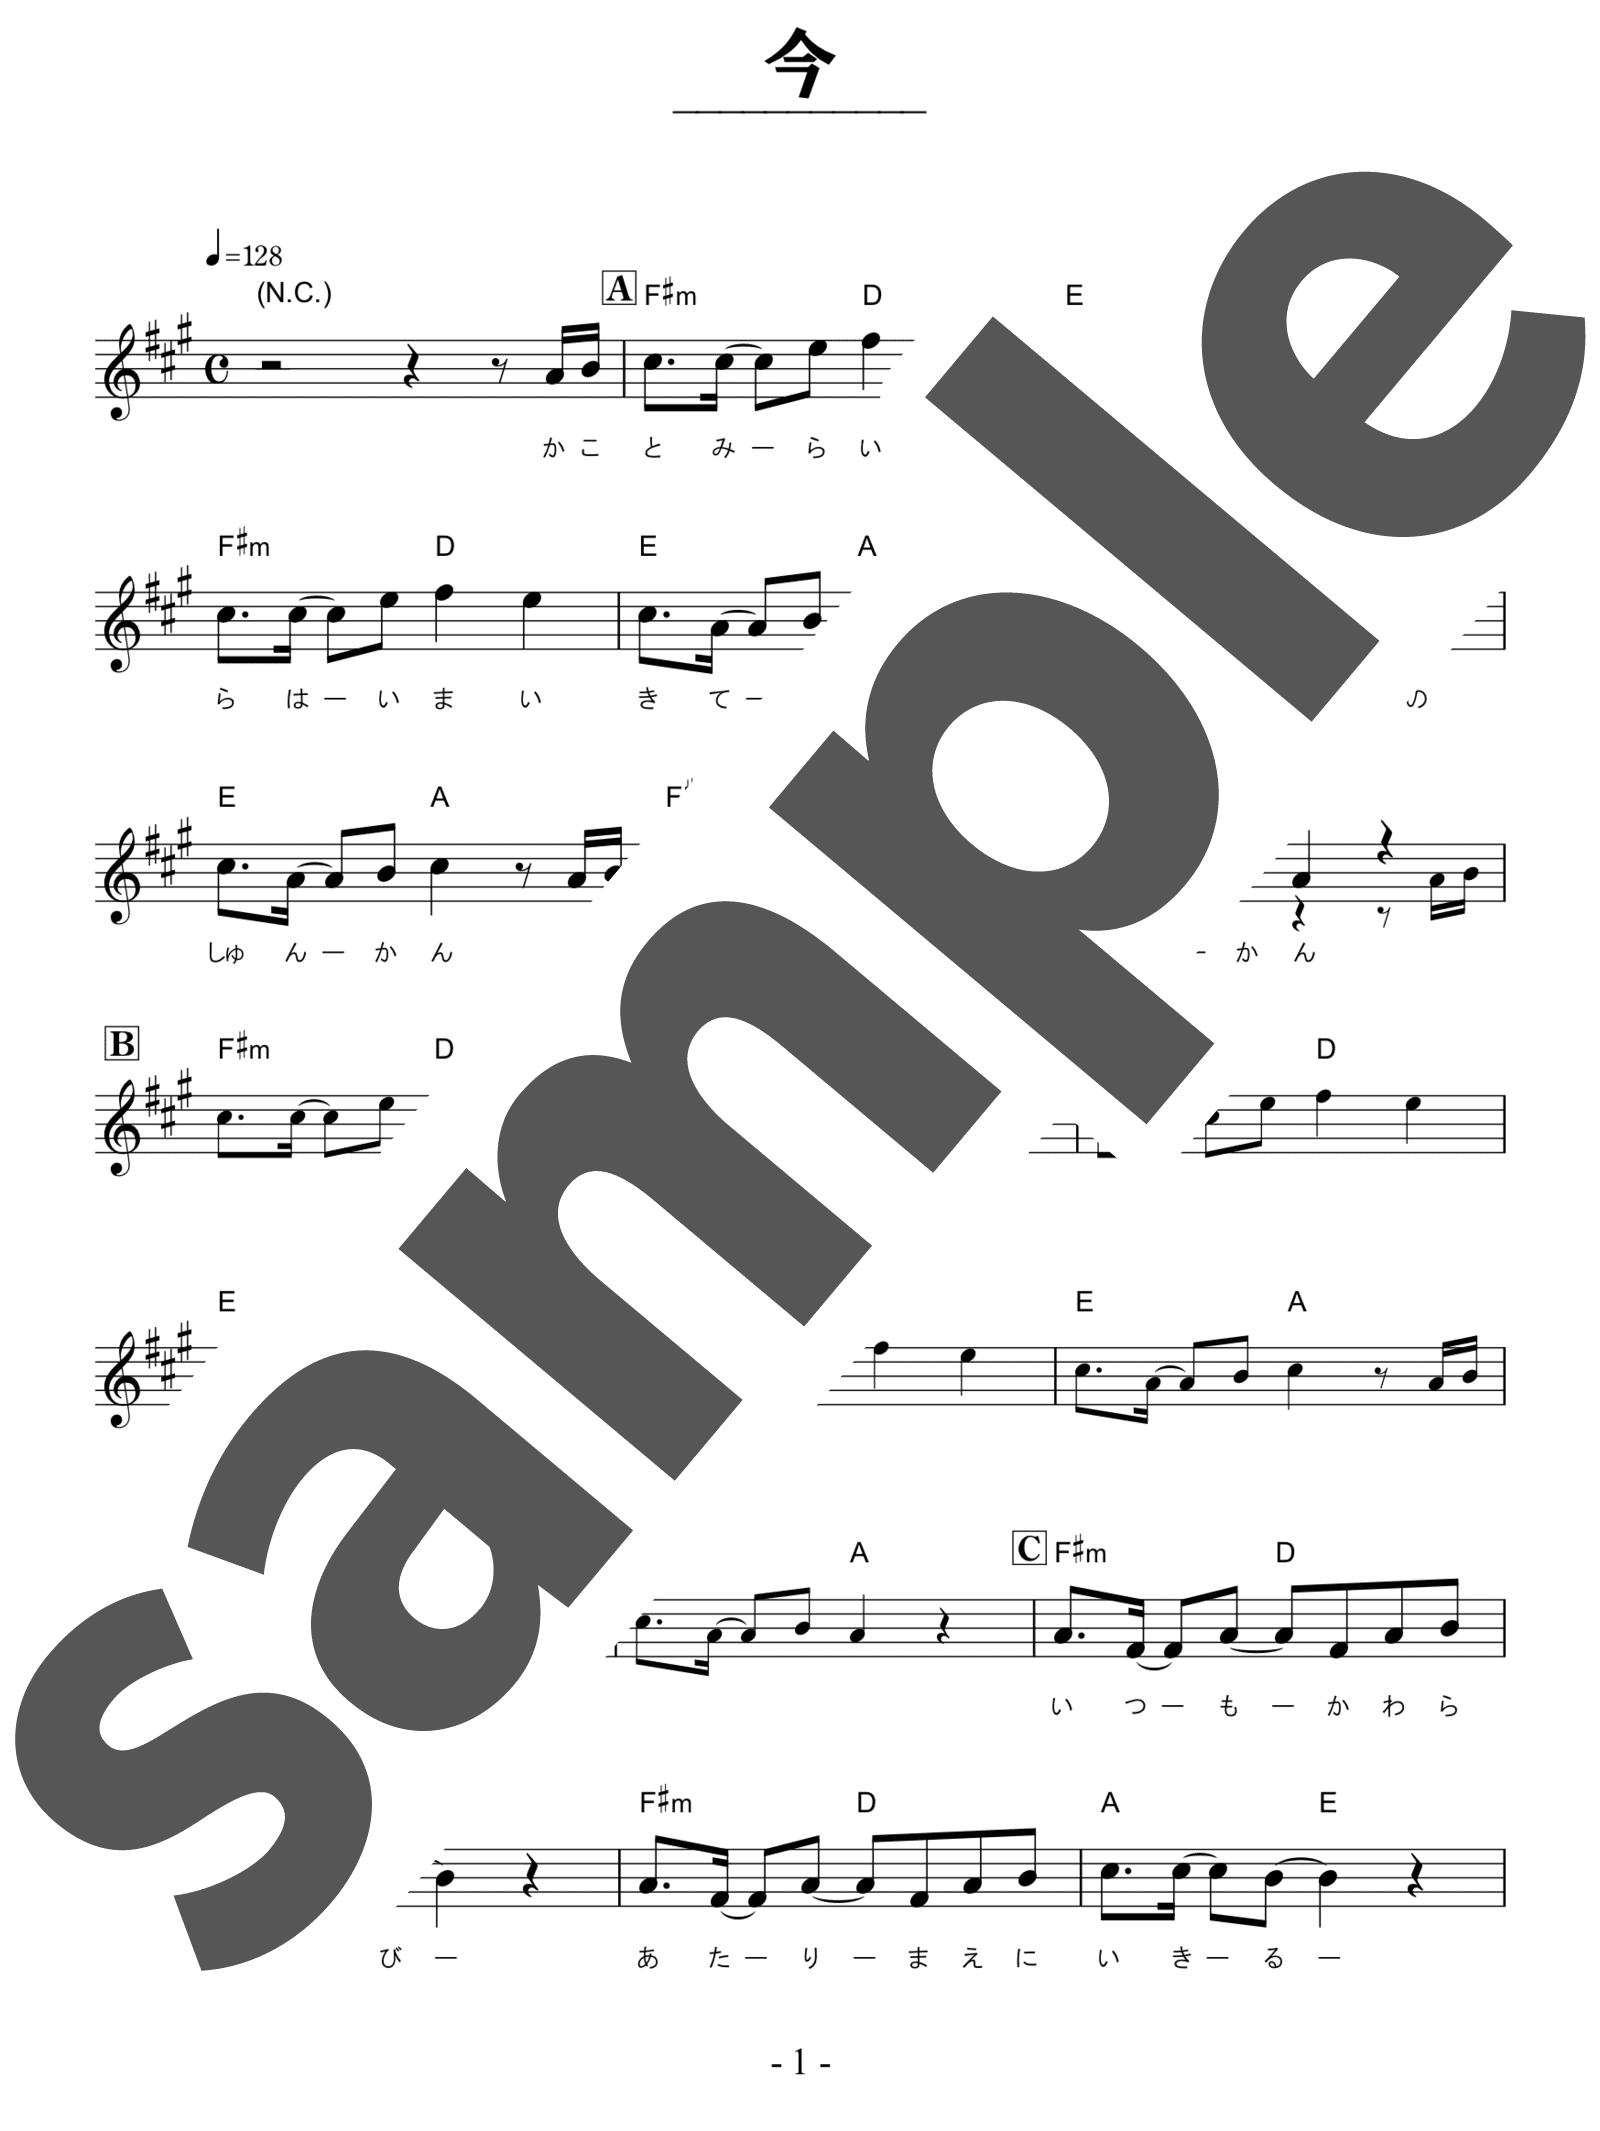 「今」のサンプル楽譜